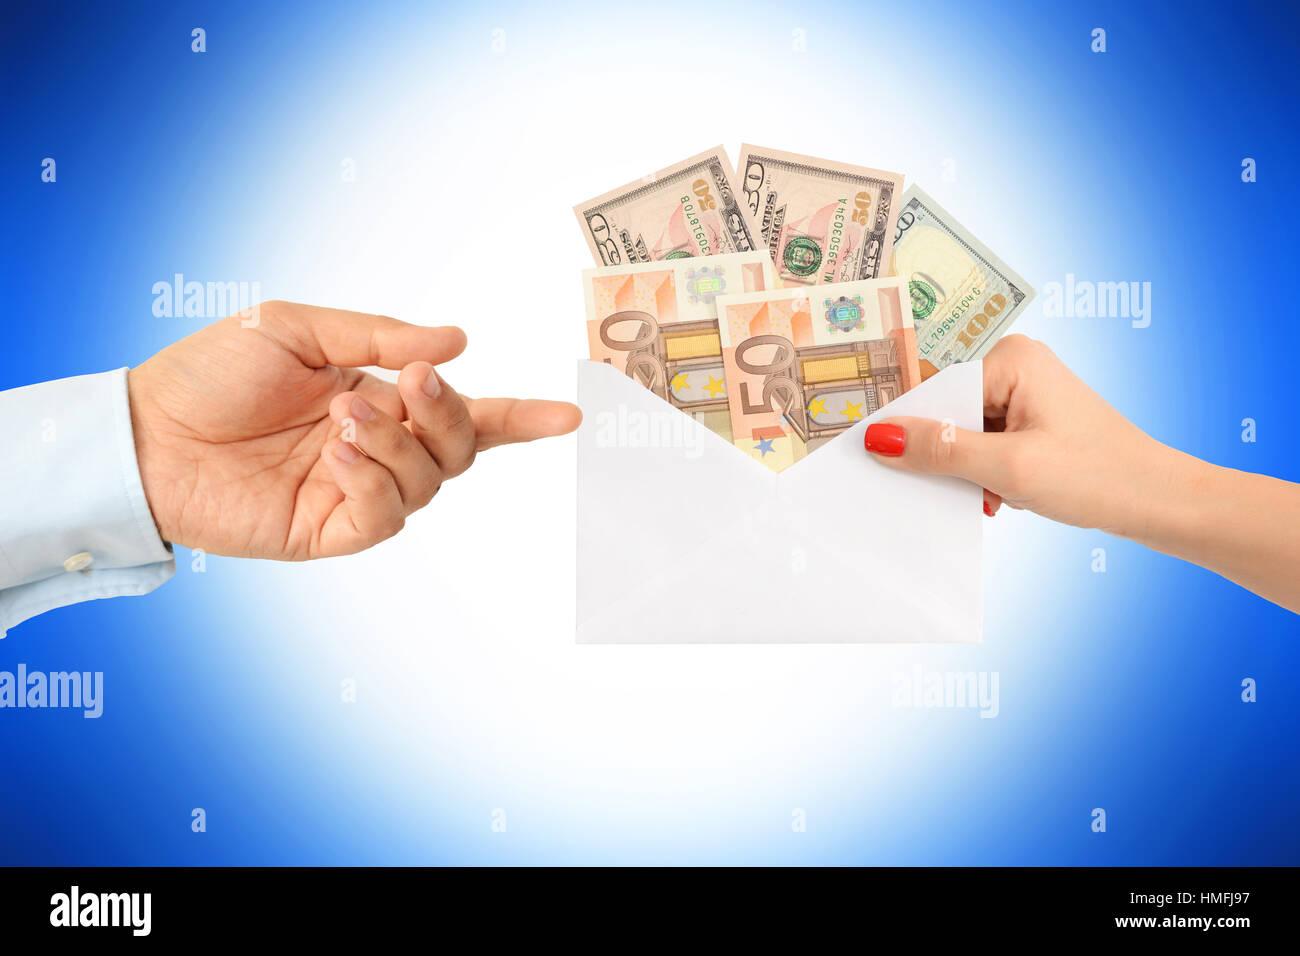 Donner une enveloppe d'argent à un homme d'affaires comme un pot ou une récompense financière Banque D'Images